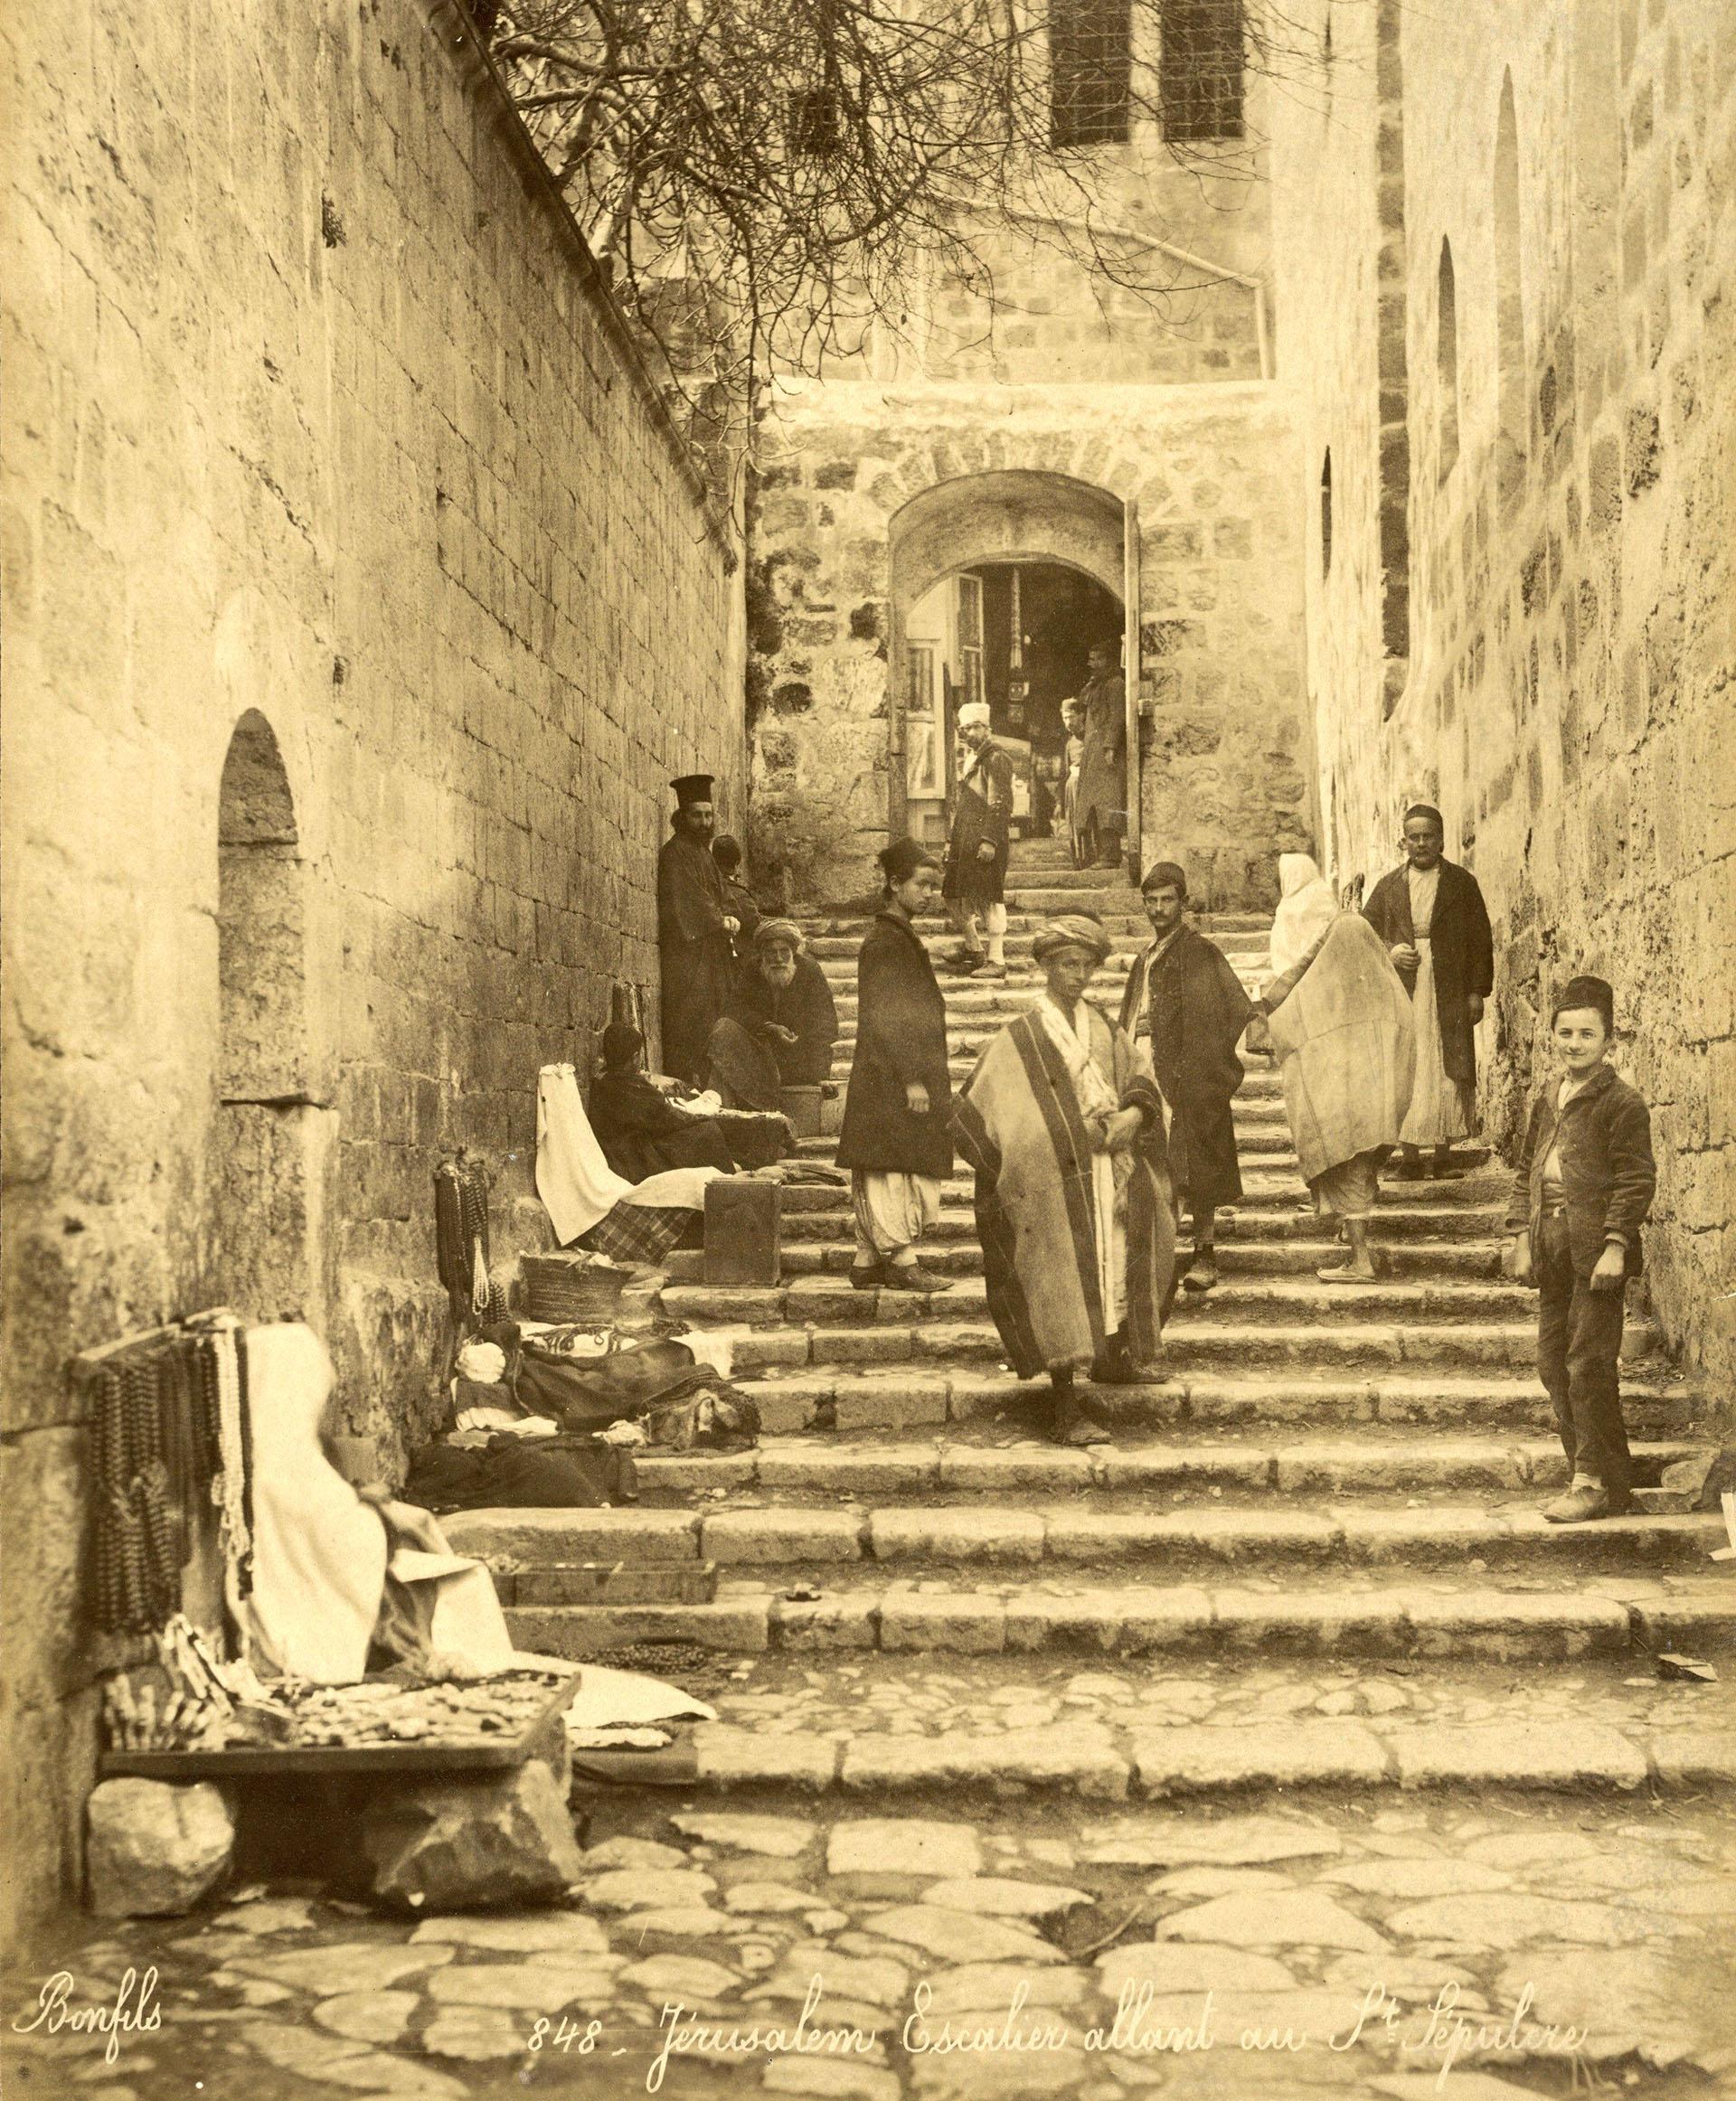 La vida cotidiana de un barrio cristiano. Fotografía tomada alrededor de 1870. Forma parte del álbum de Félix Bonfils. EFE